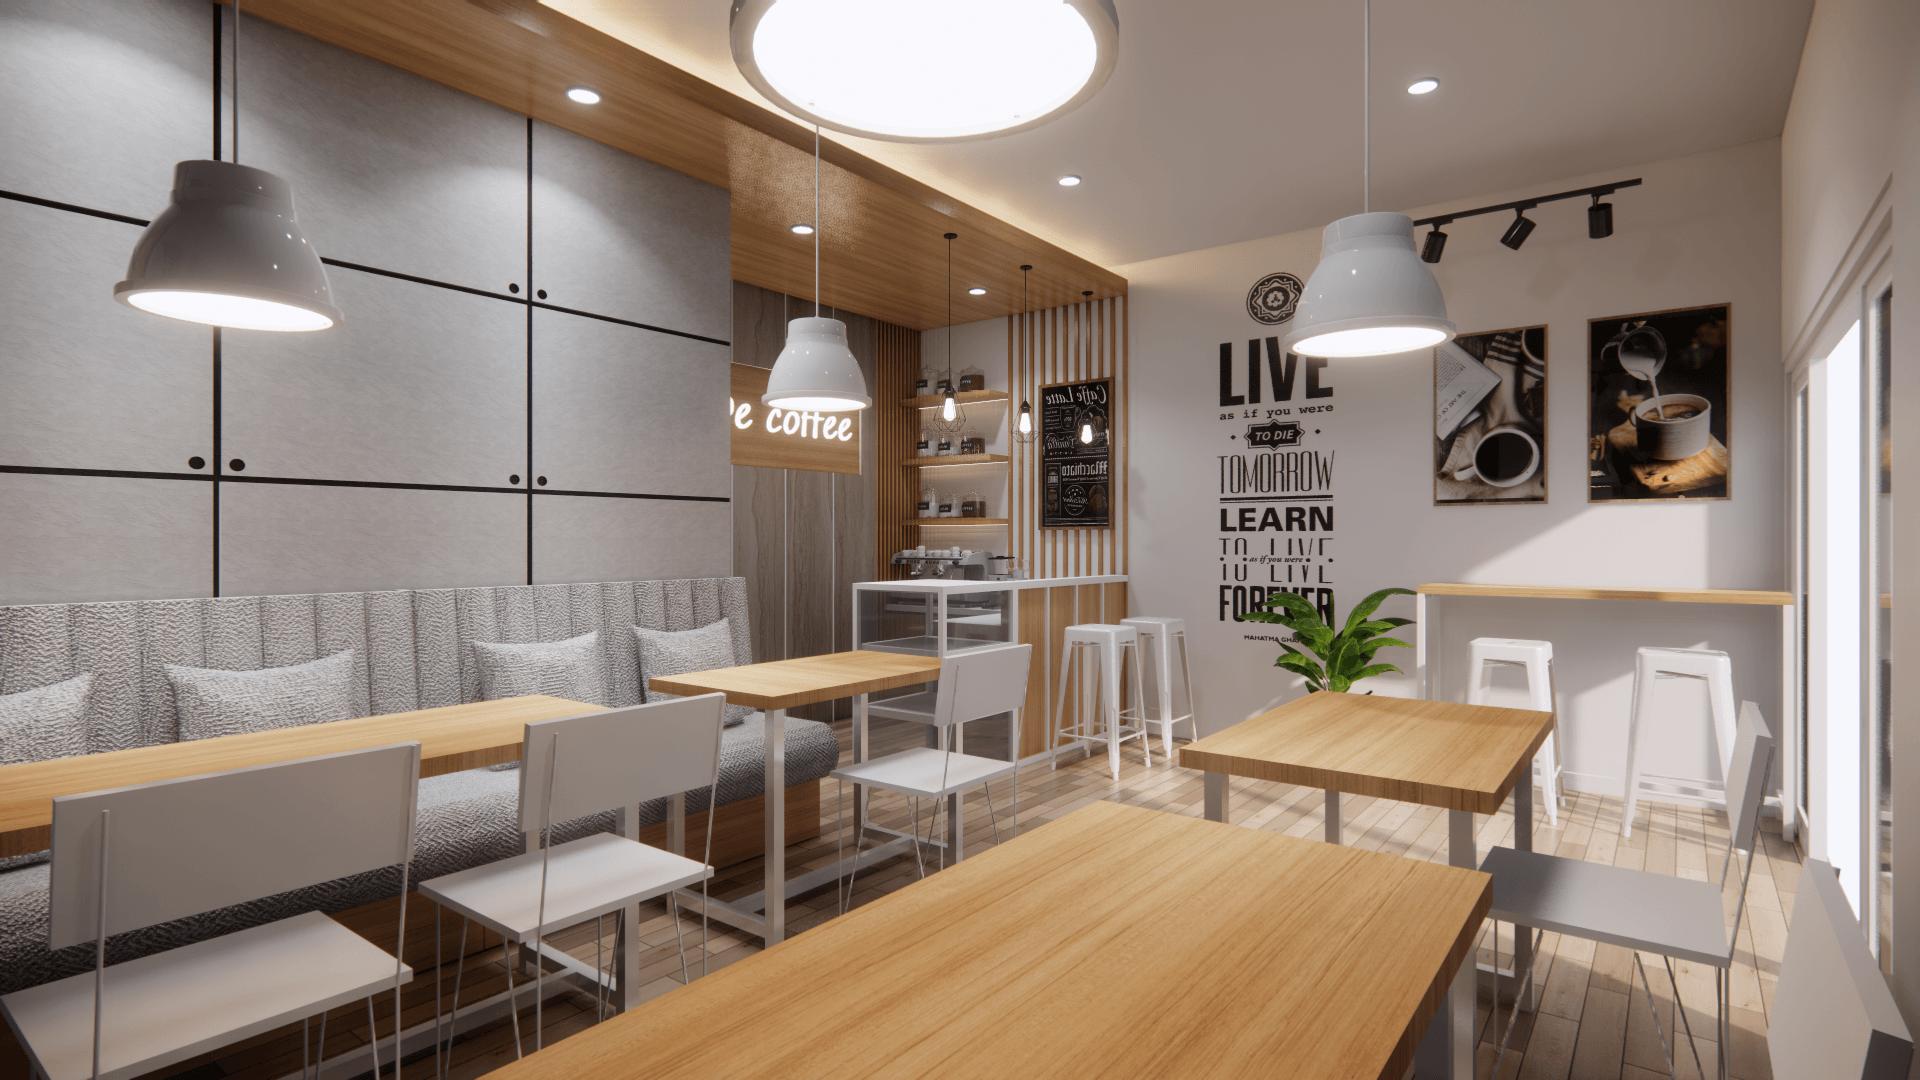 Faisal Amri Coffe Shop Bpk Andi Semarang, Kota Semarang, Jawa Tengah, Indonesia Semarang, Kota Semarang, Jawa Tengah, Indonesia Faisal-Amri-Coffe-Shop-Bpk-Andi  132495